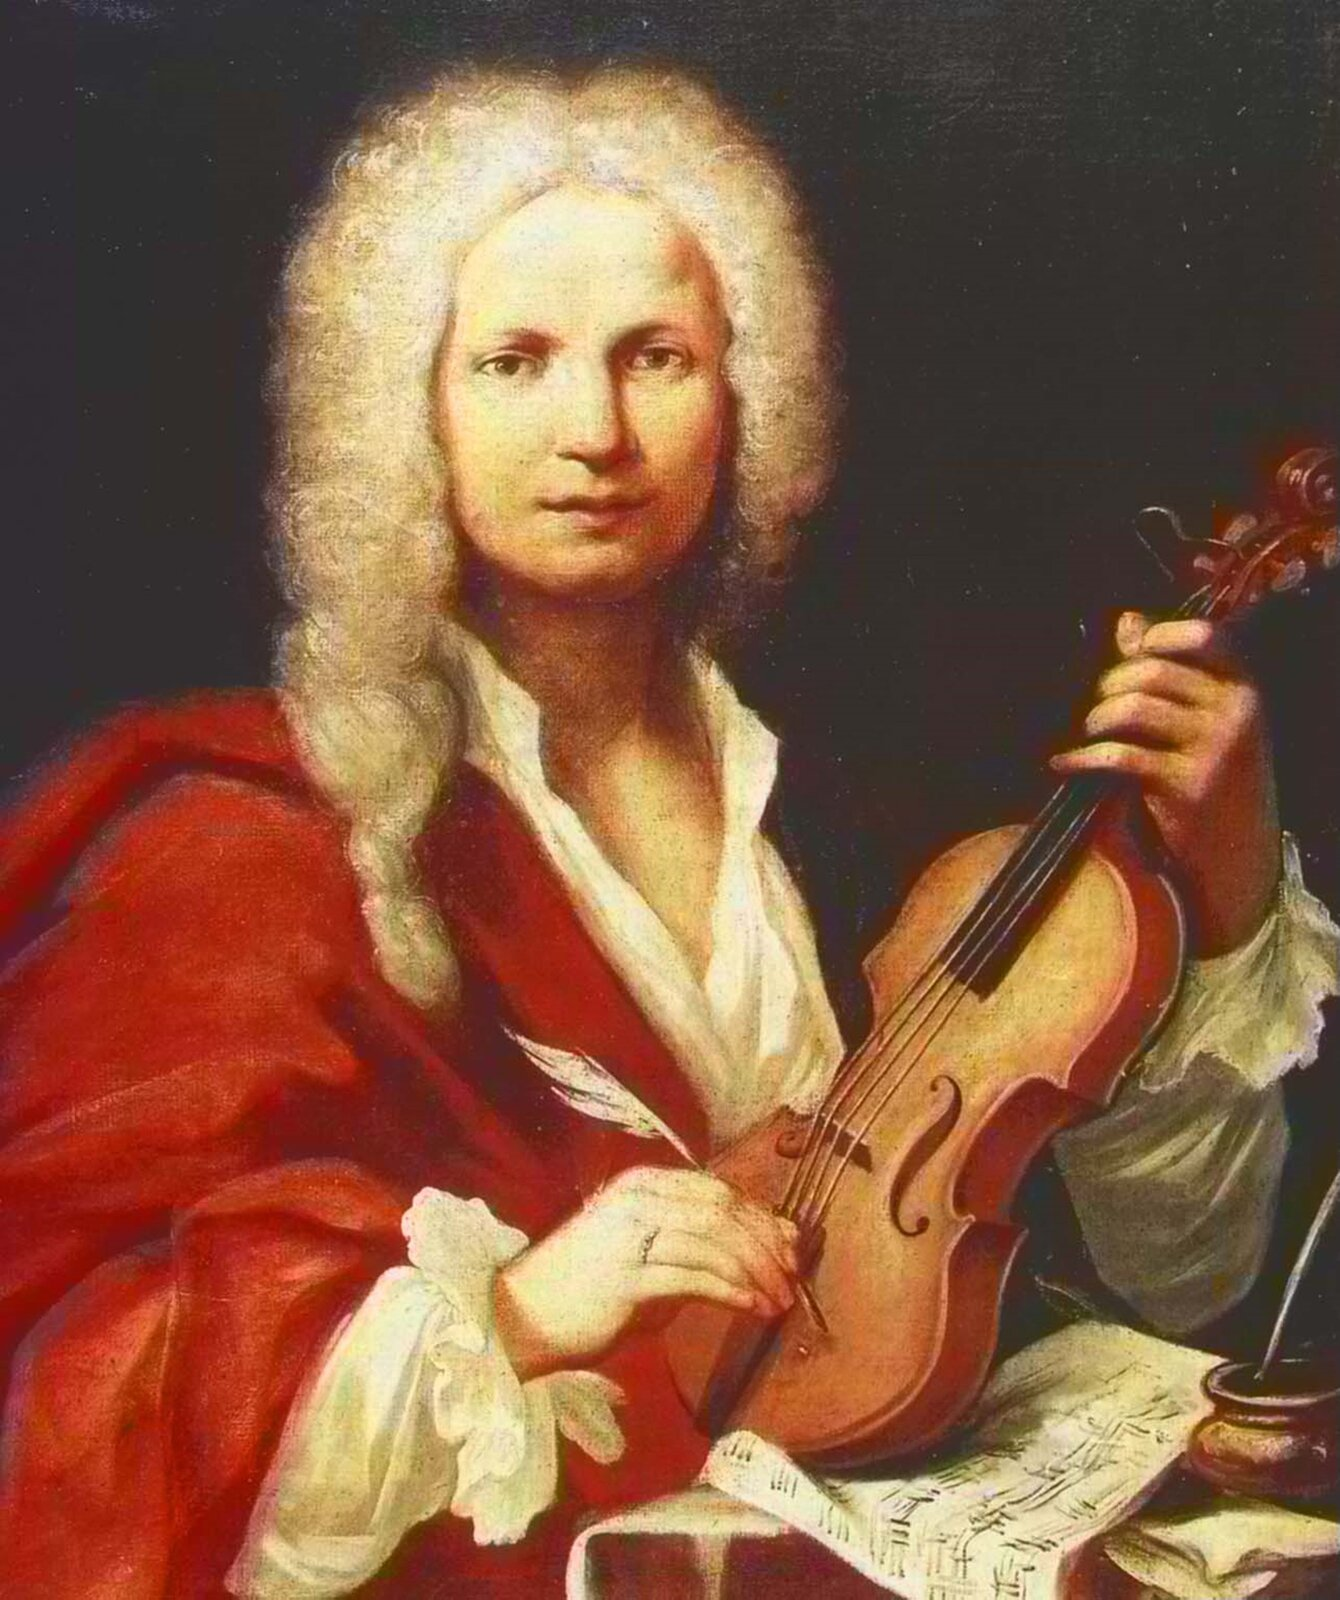 Ilustracja przedstawia portret Antonio Vivaldiego . Mężczyzna ma perukę sięgającą do ramion. Białą nie zapiętą pod szyją koszulę. Na portrecie ma duże ciemne oczy, zgrabny nos iusta. Wlewej dłoni trzyma skrzypce, wprawej gęsie pióro. Przed nim leży papier nutowy.